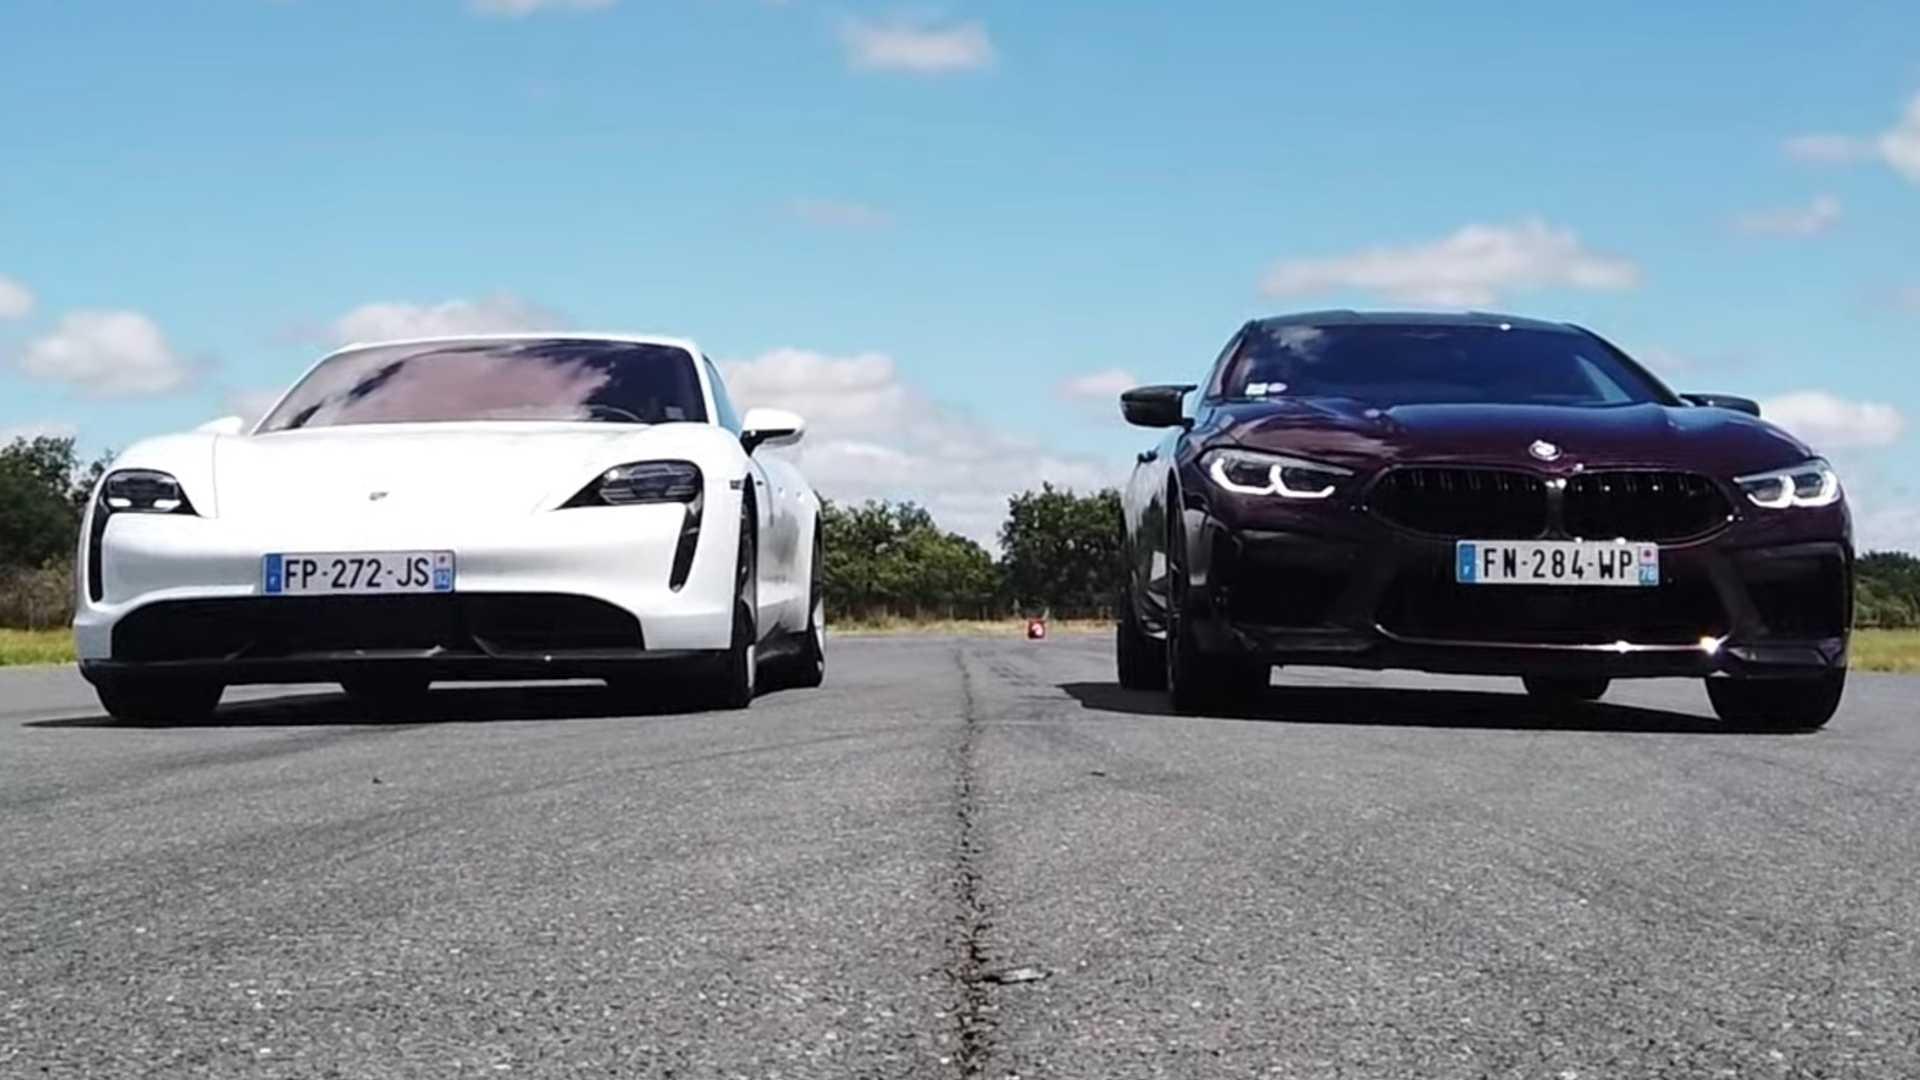 Porsche Taycan Turbo S vs. BMW M8 Gran Coupe